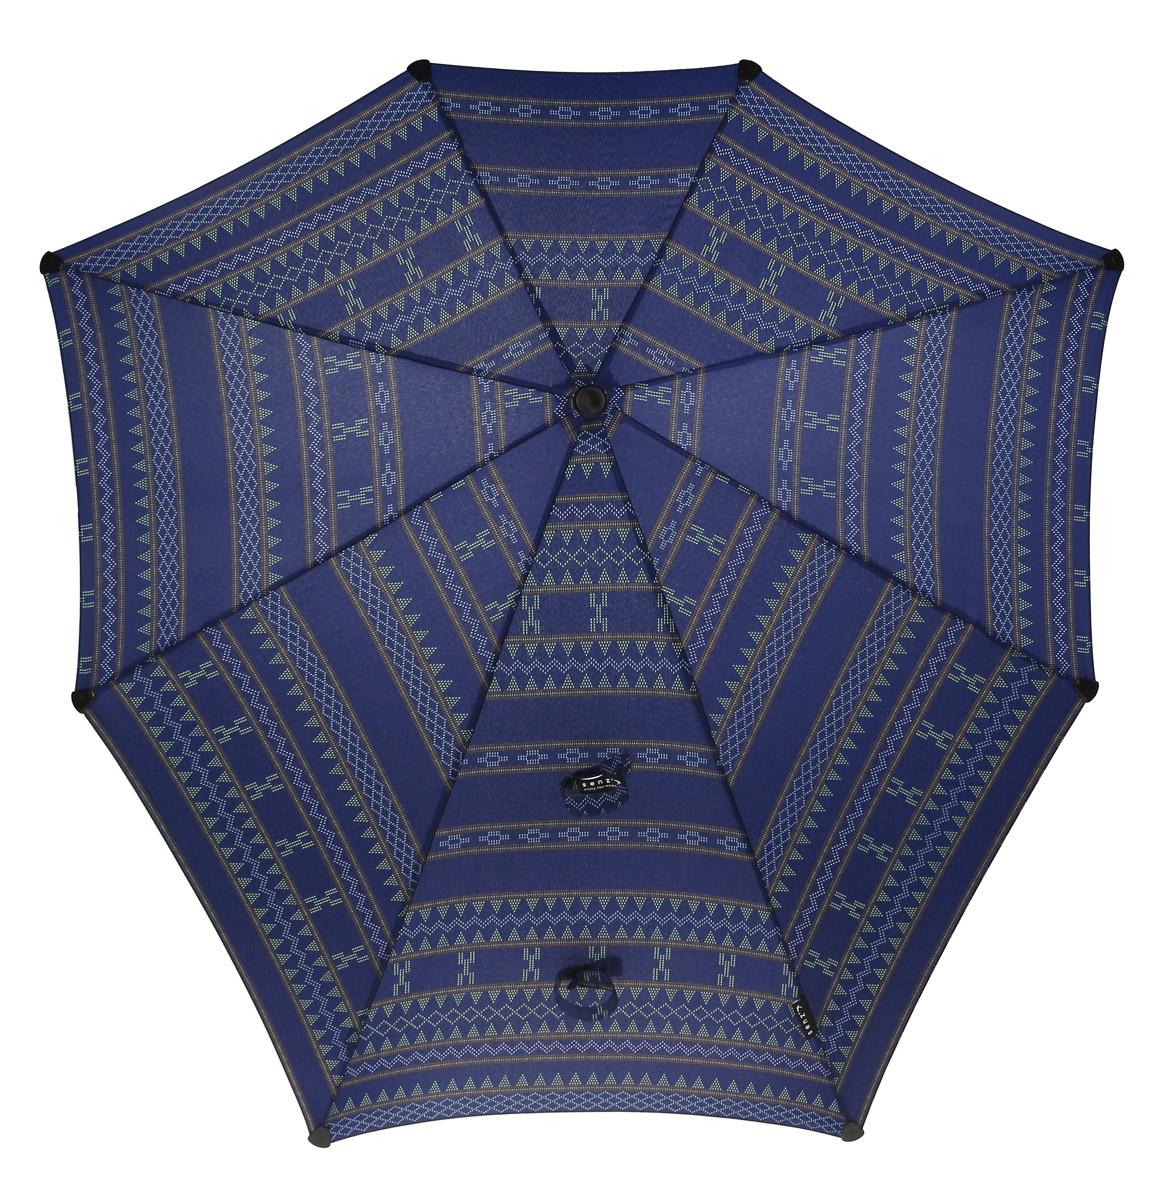 Зонт-трость Senz, цвет: синий. 20110502011050Вместо покупки нескольких дешевых зонтиков, которые легко ломаются, лучше преобрести надежный и качественный зонт от Senz. Инновационные противоштормовые зонты выдерживают любую непогоду. Форма купола продумана так, что вы легко найдете самое удобное положение на ветру – без паники и без борьбы со стихией. Закрывает спину от дождя. Благодаря своей усовершенствованной конструкции, зонт не выворачивается наизнанку даже при сильном ветре. Модель Senz Original выдержала испытания в аэротрубе со скоростью ветра 100 км/ч. Характеристики: - тип — трость - выдерживает порывы ветра до 100 км/ч - УФ-защита 50+ - удобная мягкая ручка - безопасные колпачки на кончиках спиц - в комплекте прочный чехол из плотной ткани с лямкой на плечо - гарантия 2 года Размер купола: 90 х 87 см, длина в сложенном виде - 79 см. Весит 440 г.